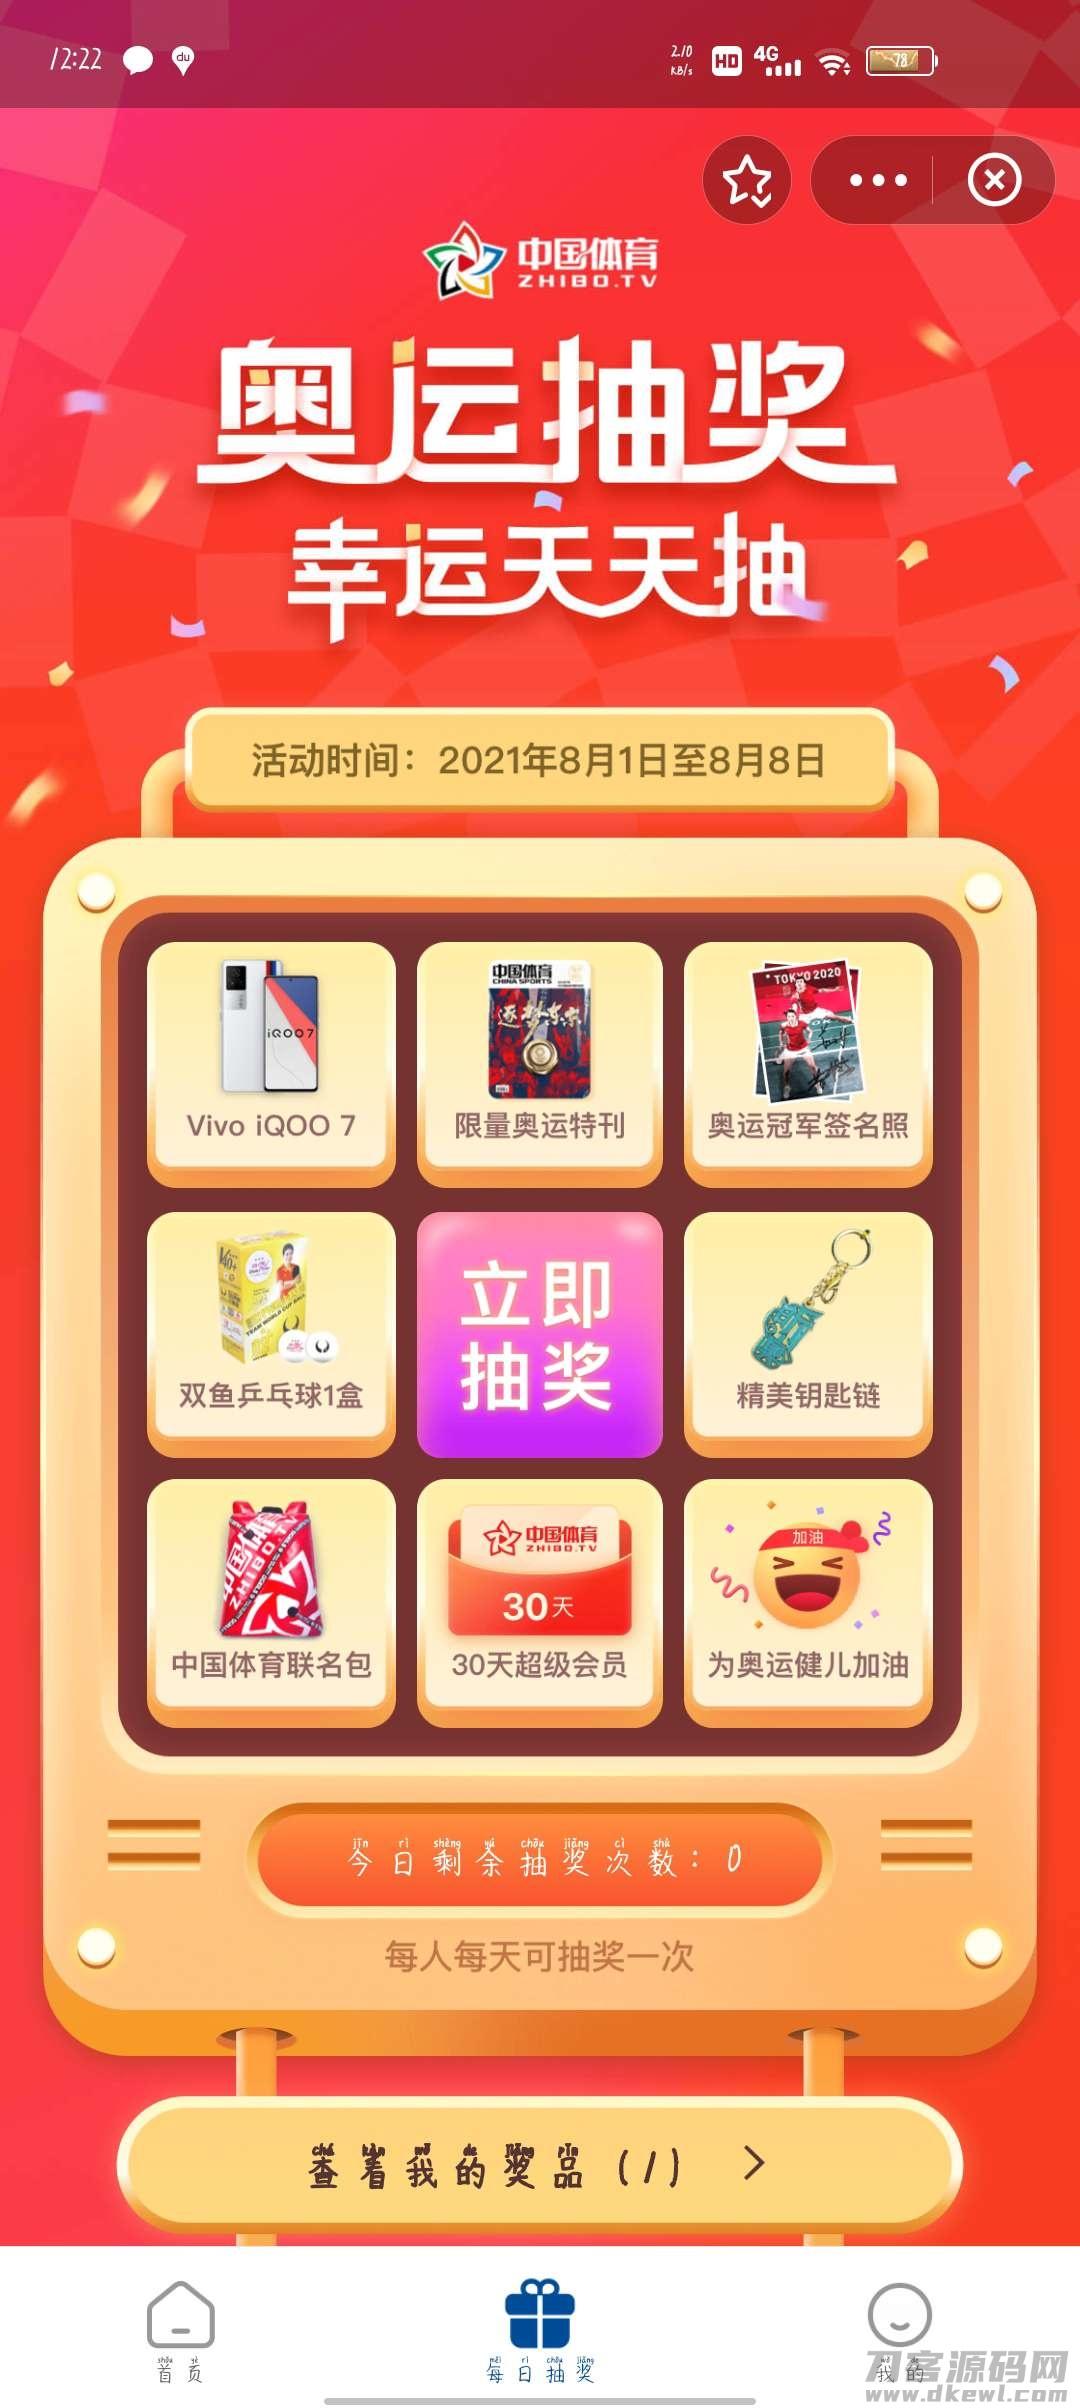 【虚拟物品】支付宝奥运抽奖插图2